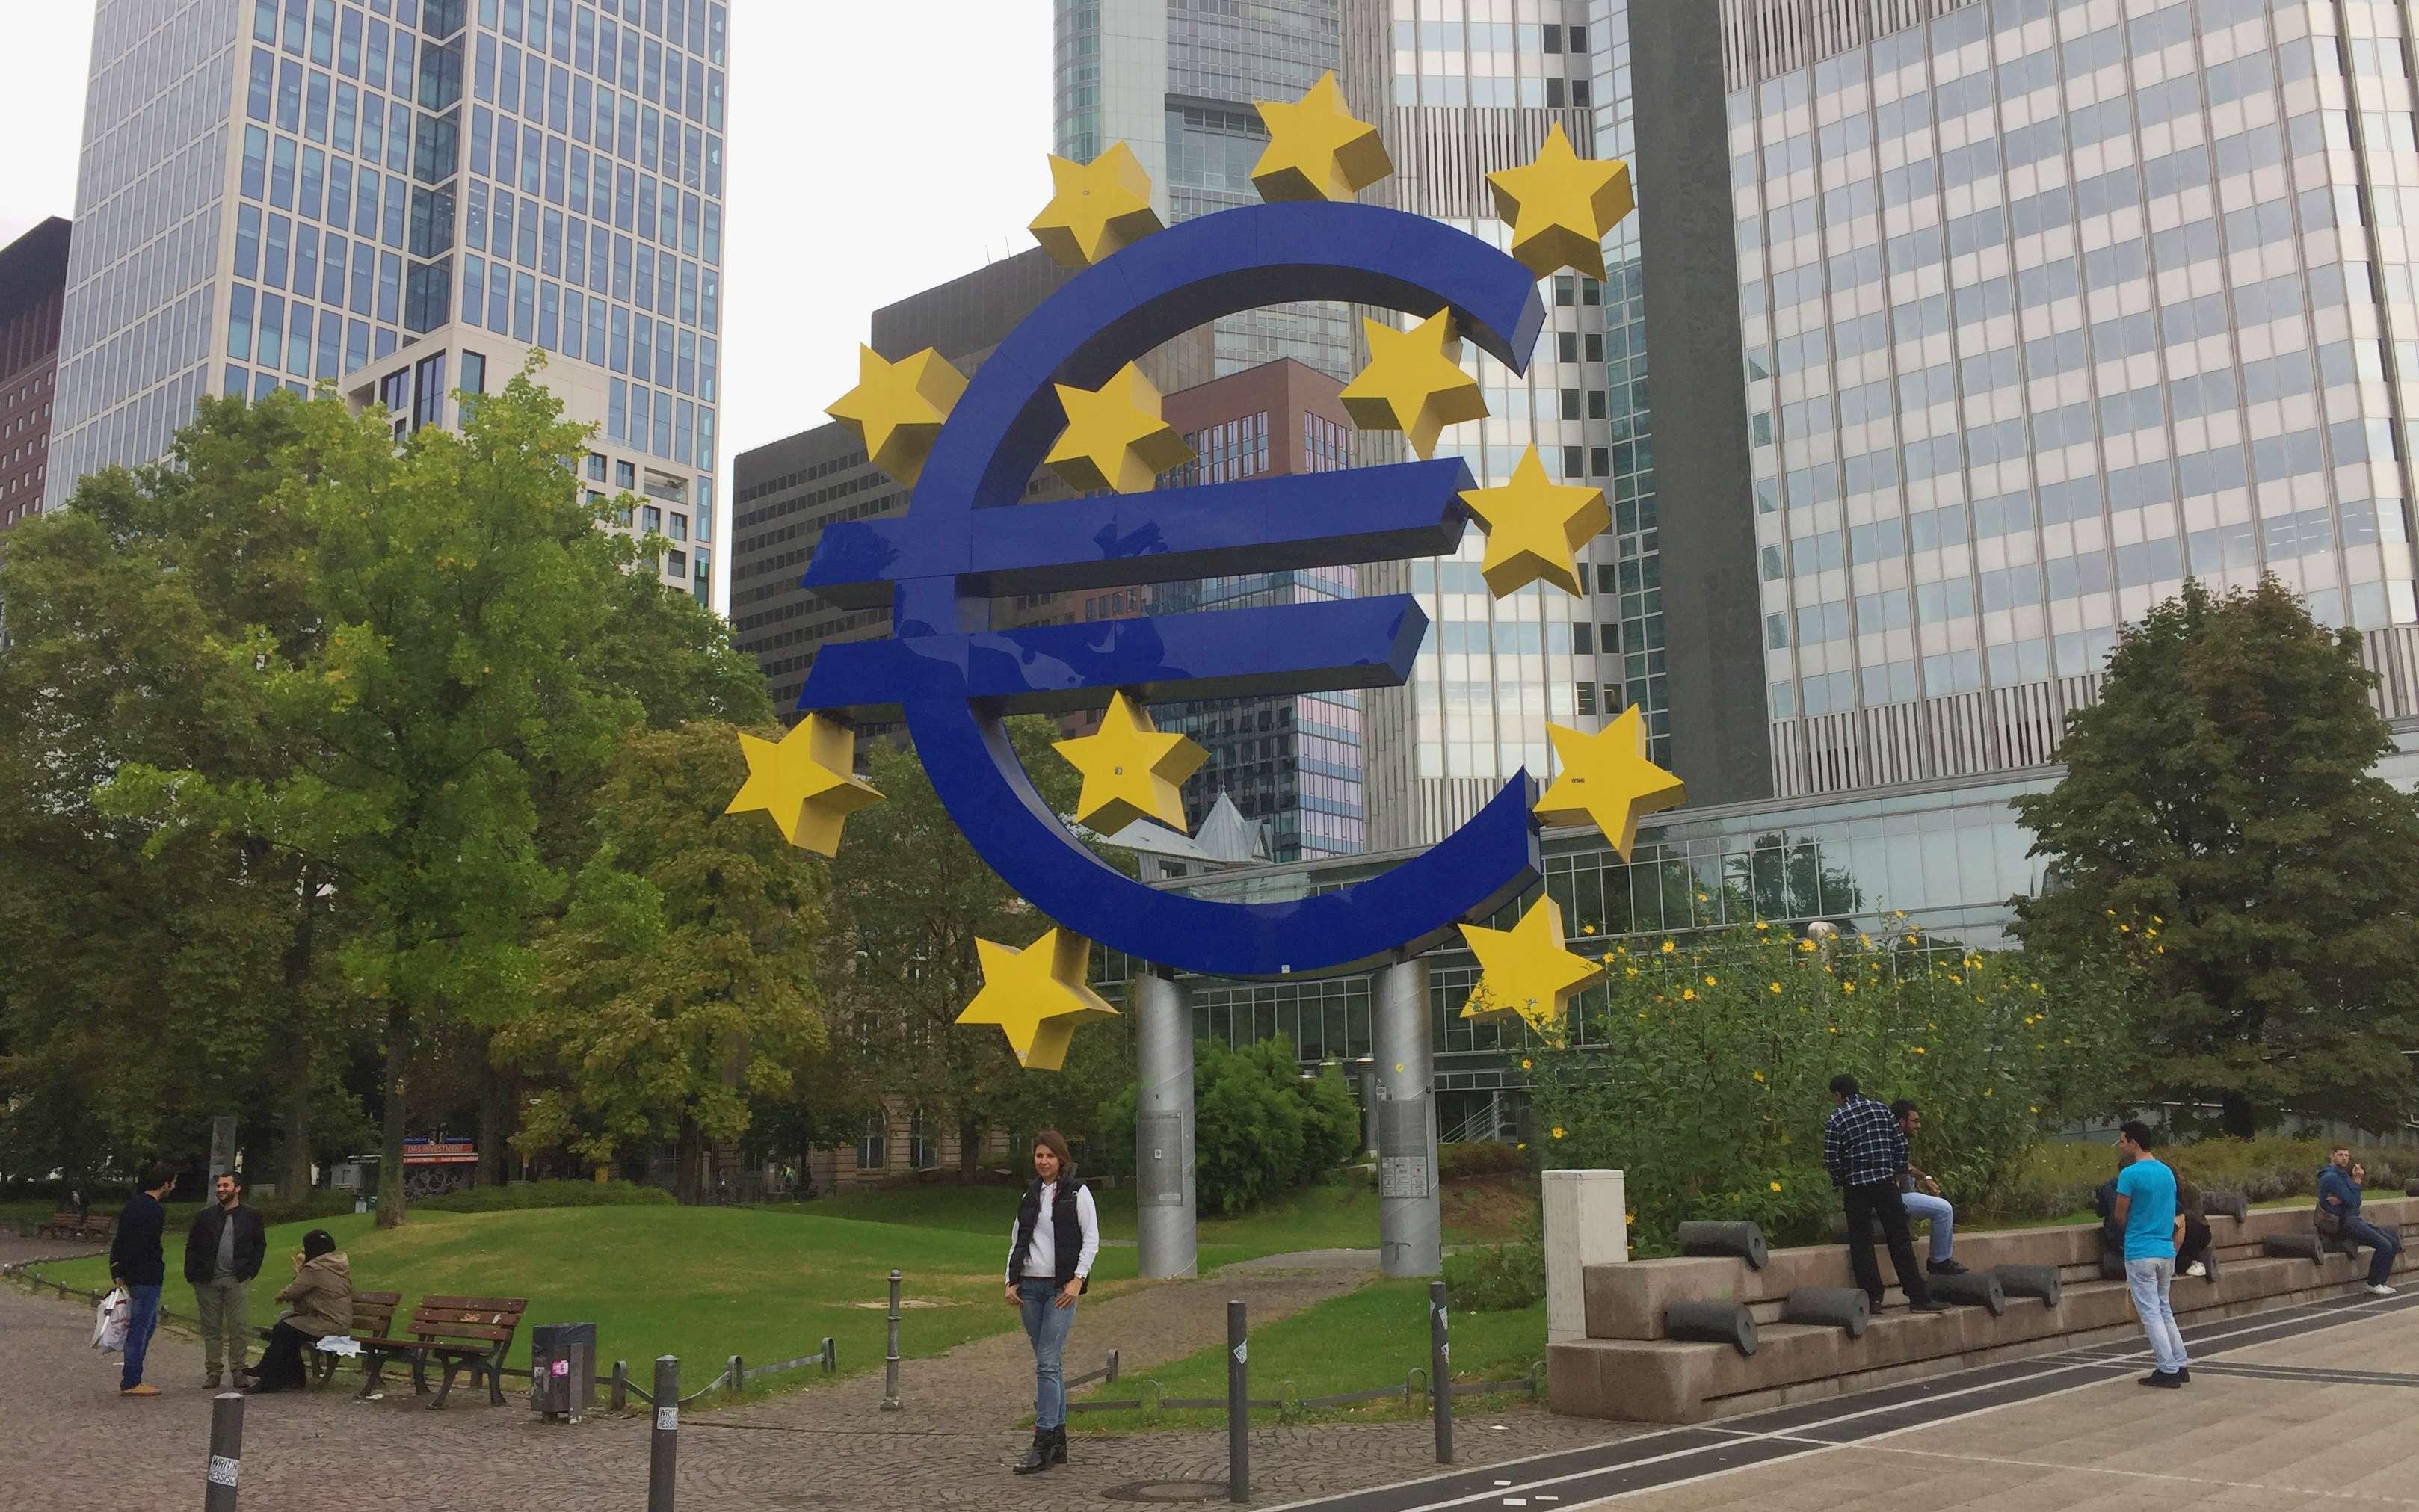 德國.法蘭克福|歐盟27國退稅指南 以德國法蘭克福機場為例